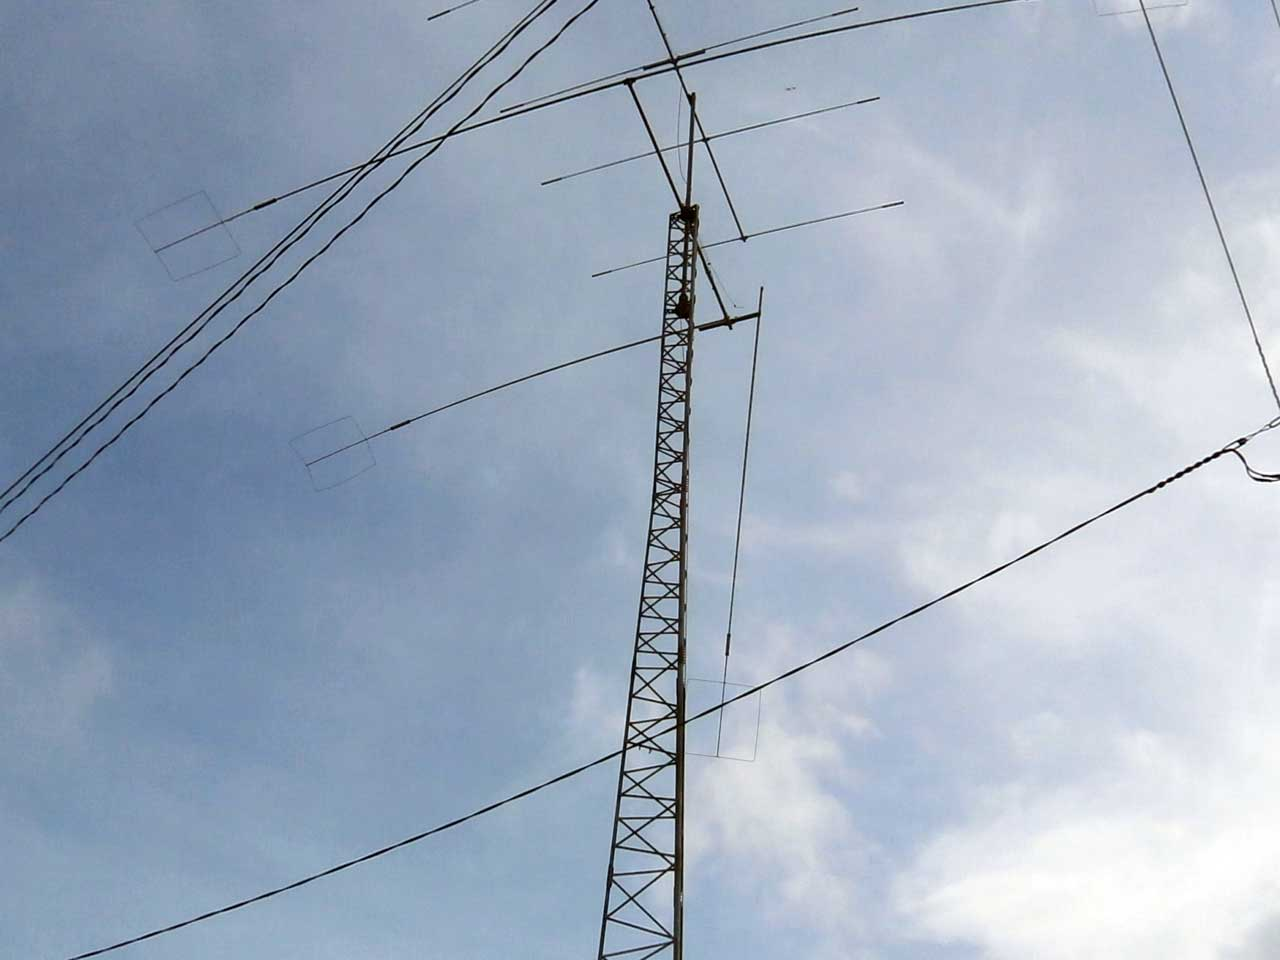 エレメントが折れたアマチュア無線の危険なアンテナ